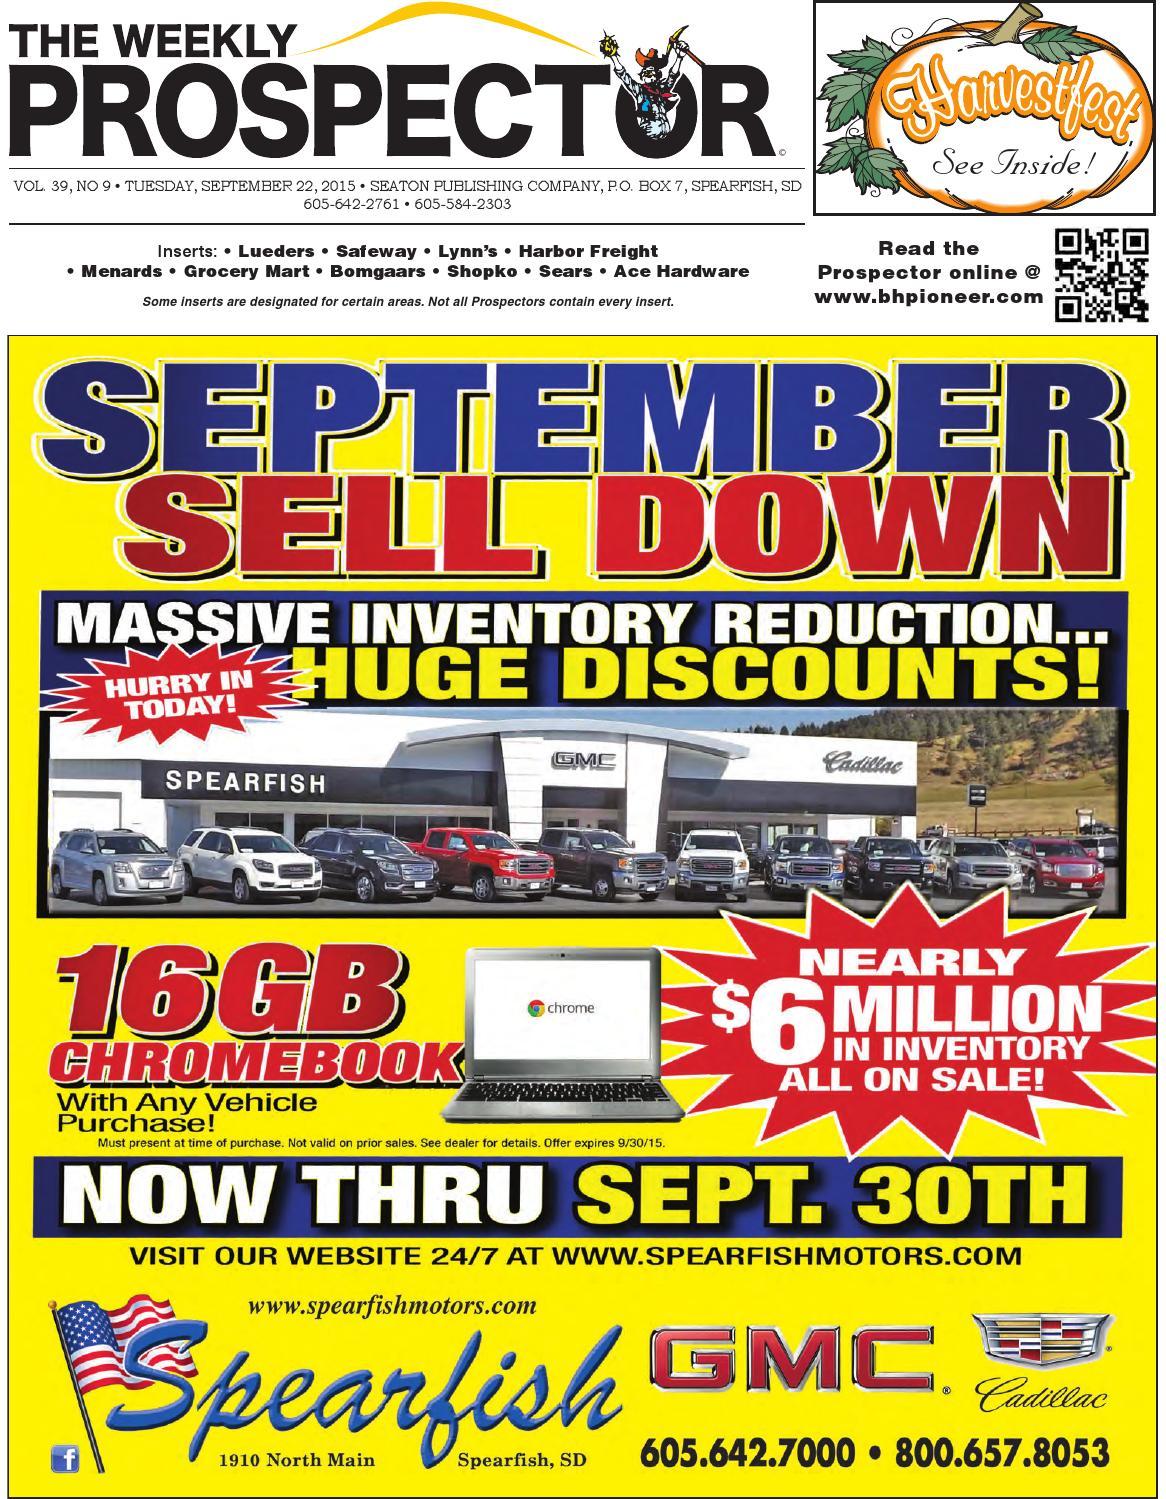 9-22-15 Weekly Prospector by Black Hills Pioneer - issuu